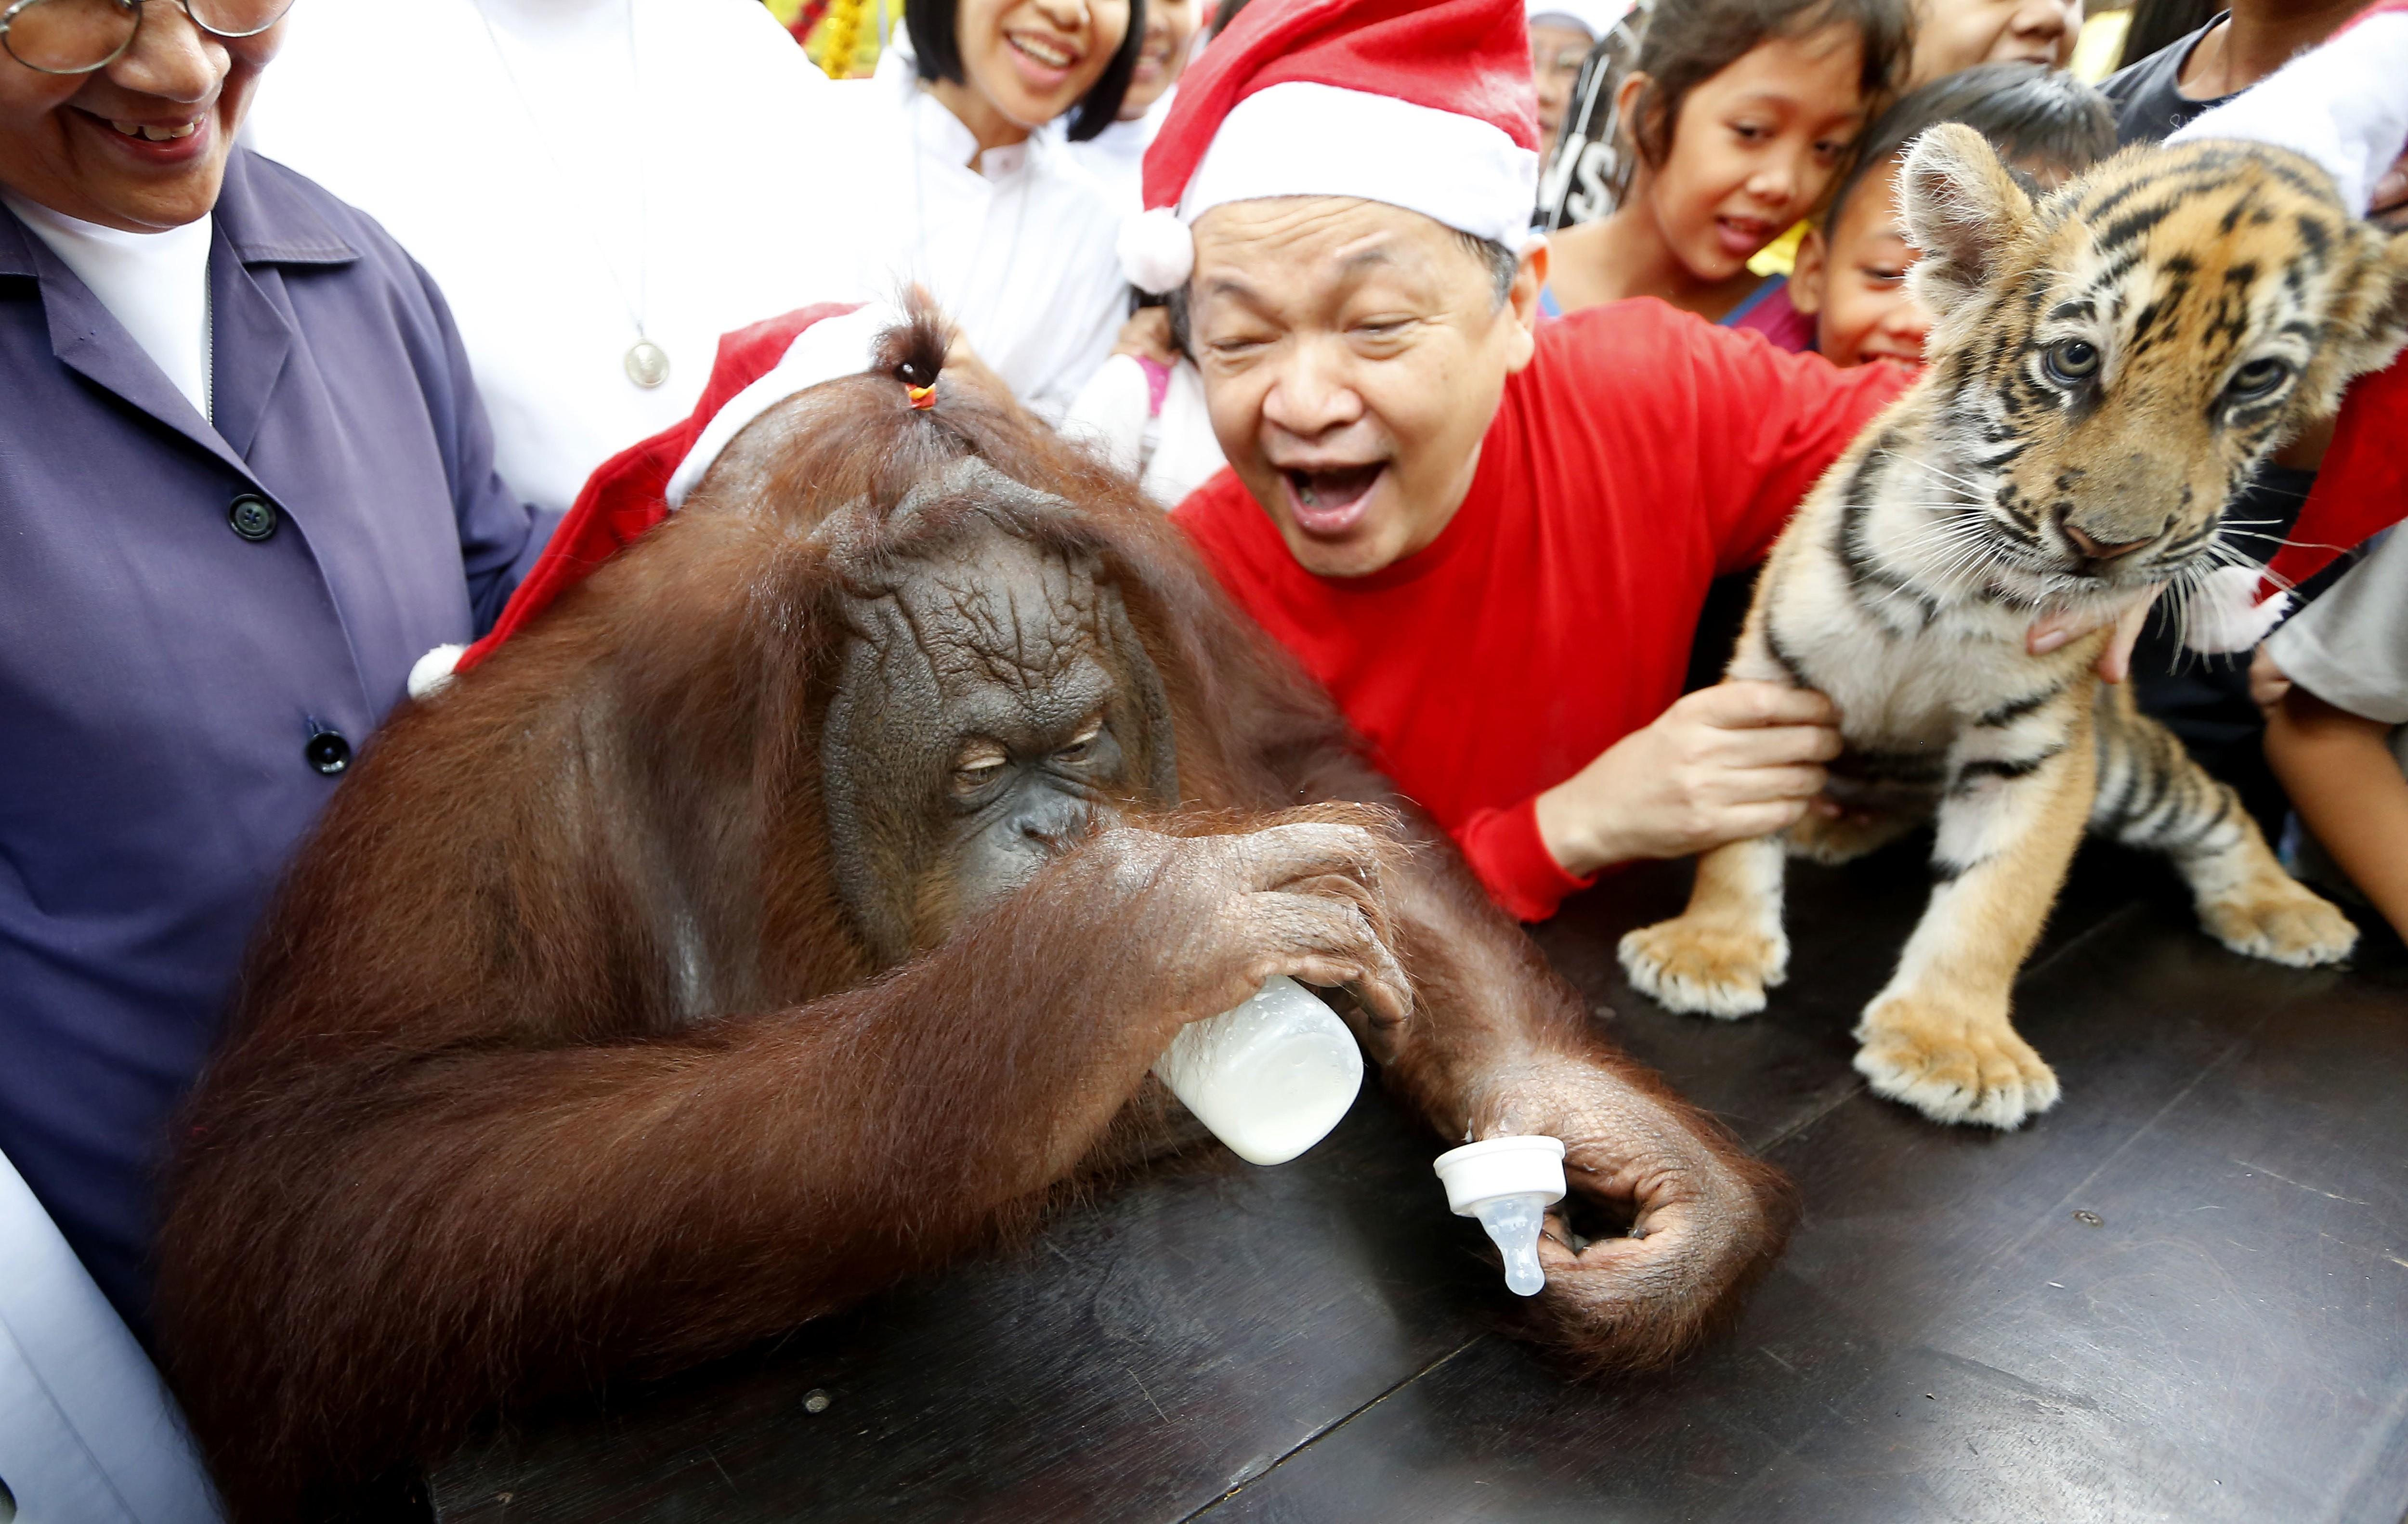 Orangutan and tiger cub